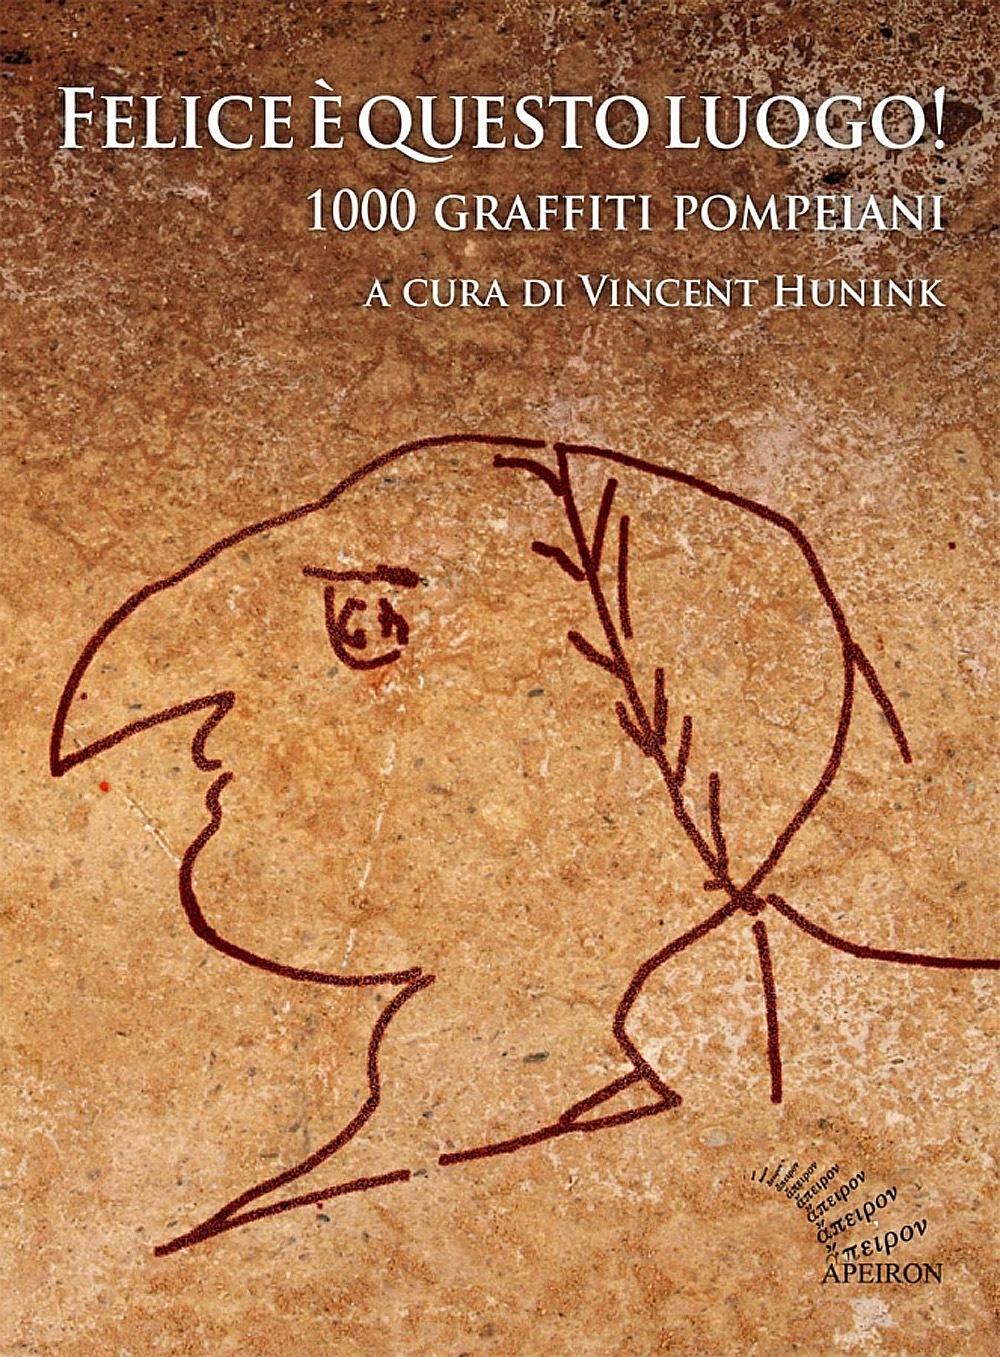 Felice è questo luogo. 1000 graffiti pompeiani